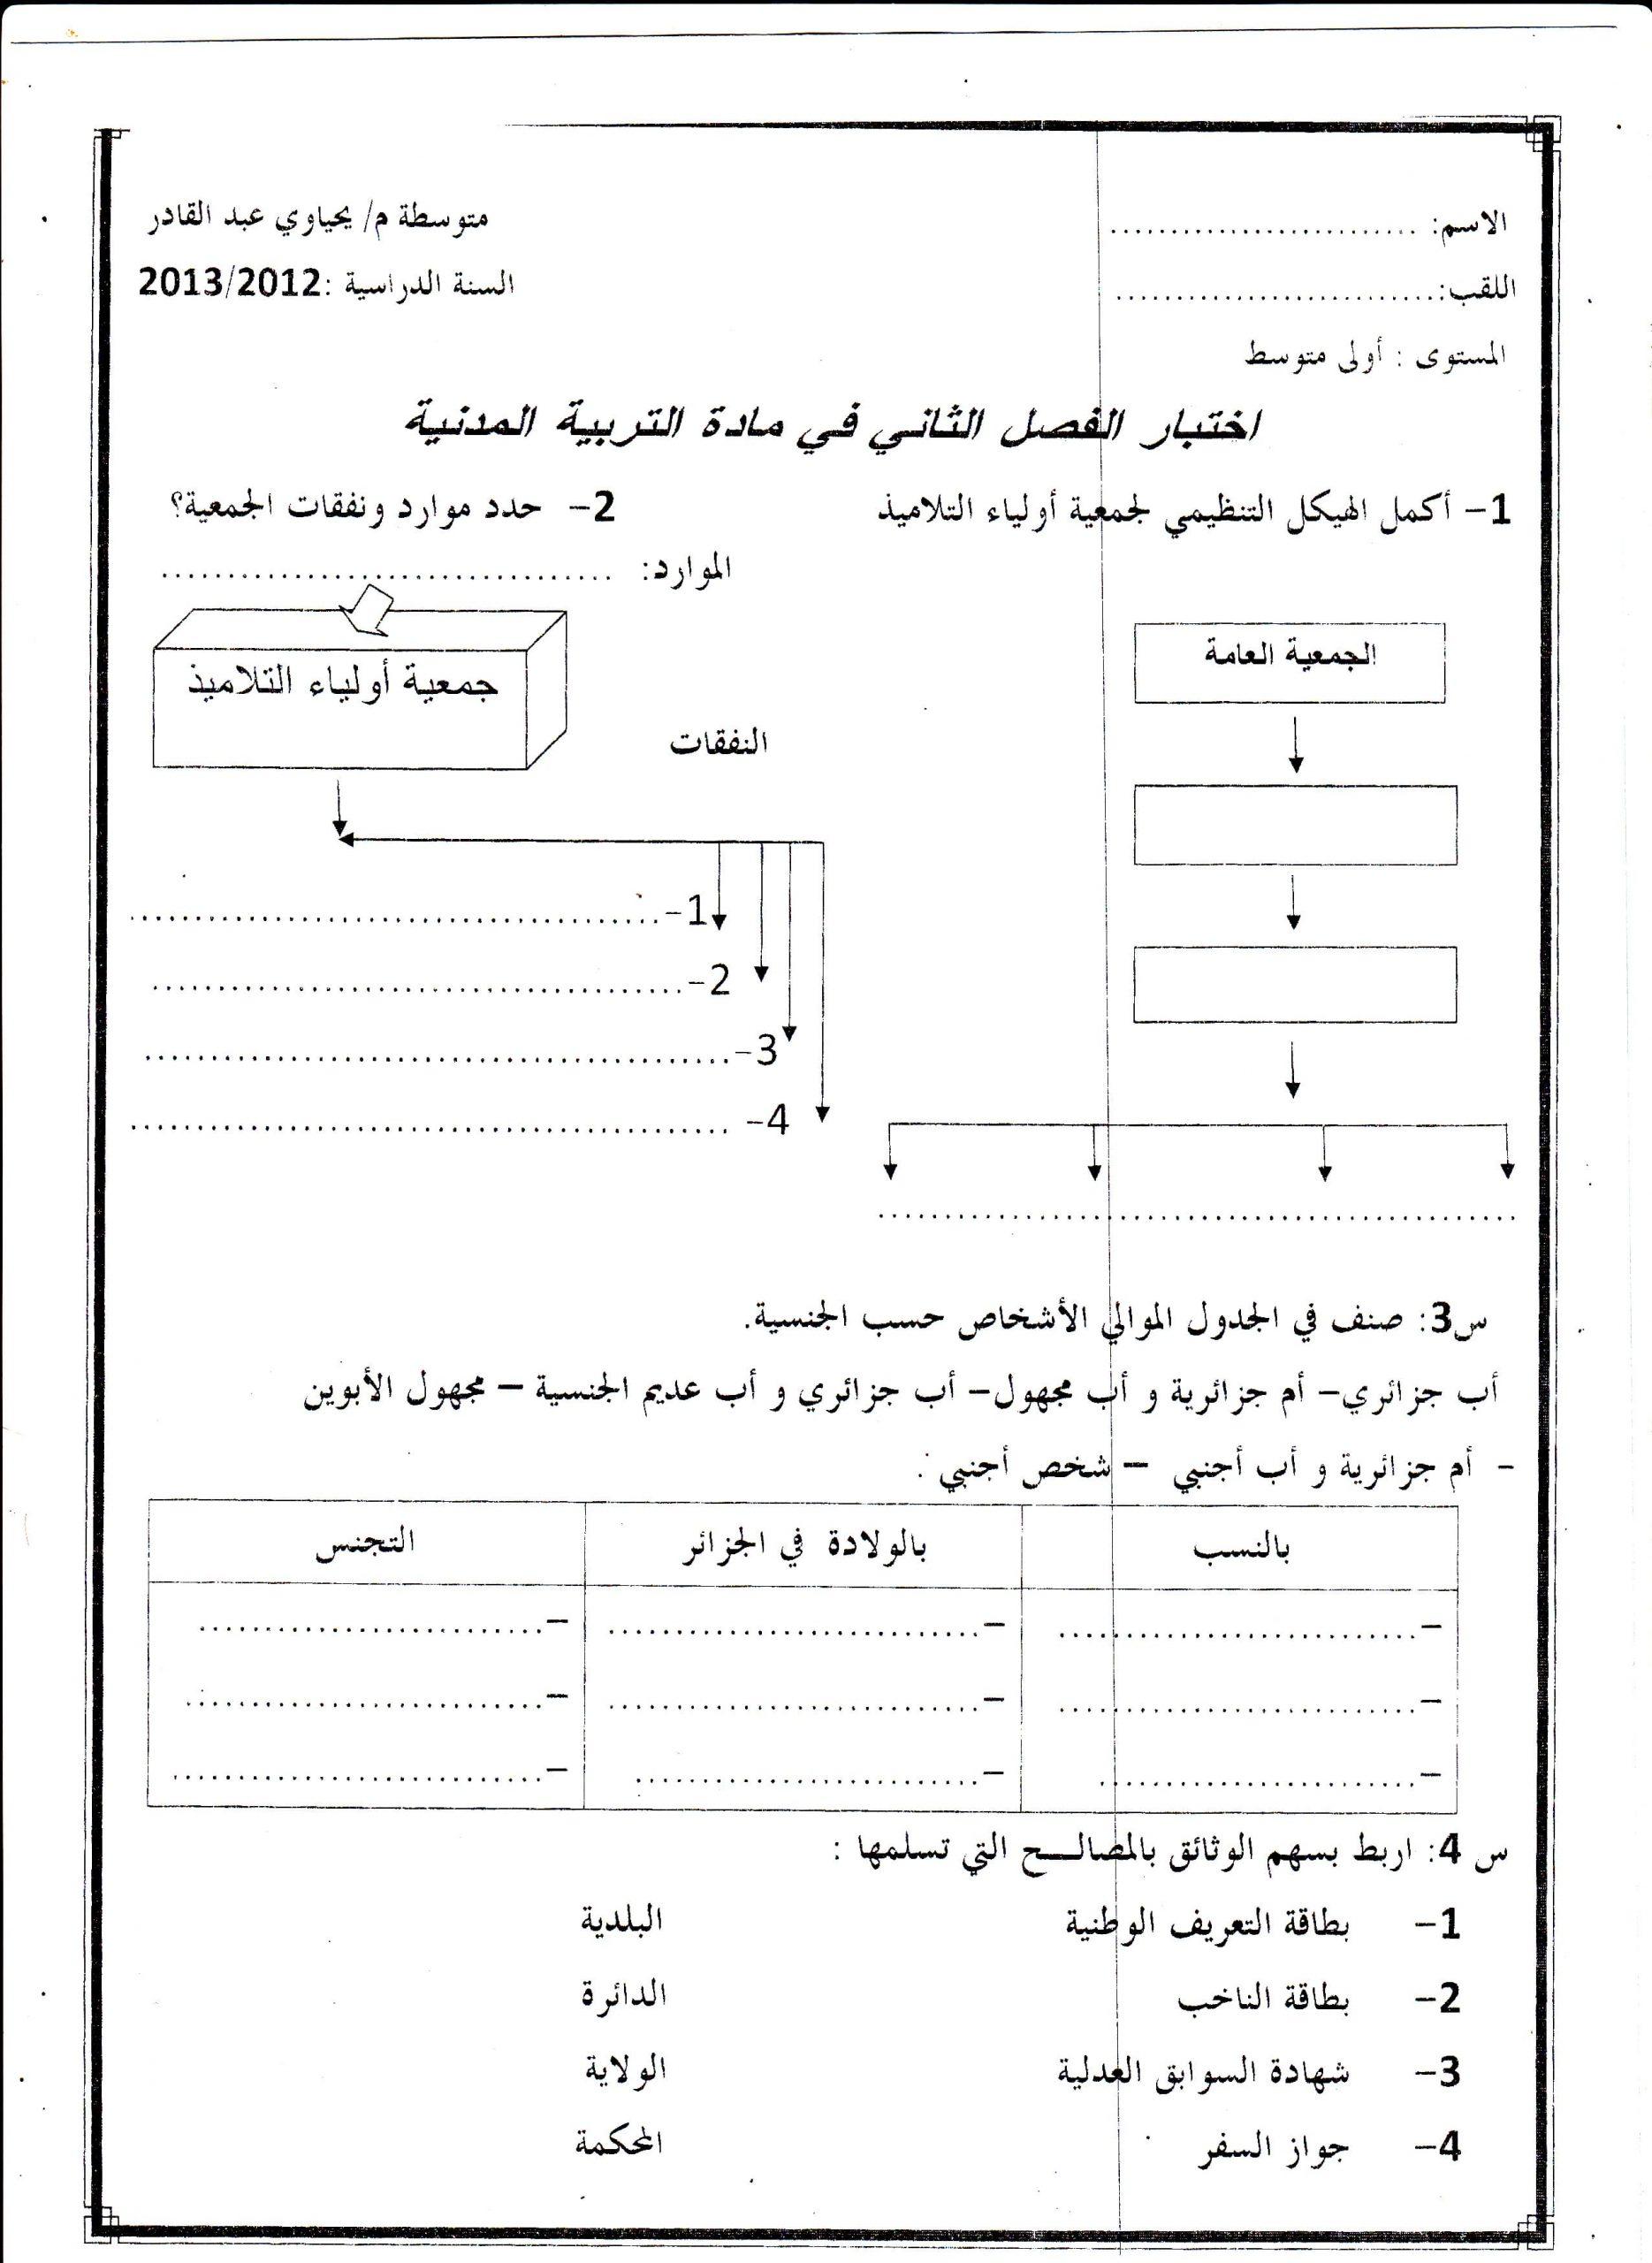 اختبار الفصل الثاني في التربية المدنية للسنة الأولى متوسط - الموضوع 03